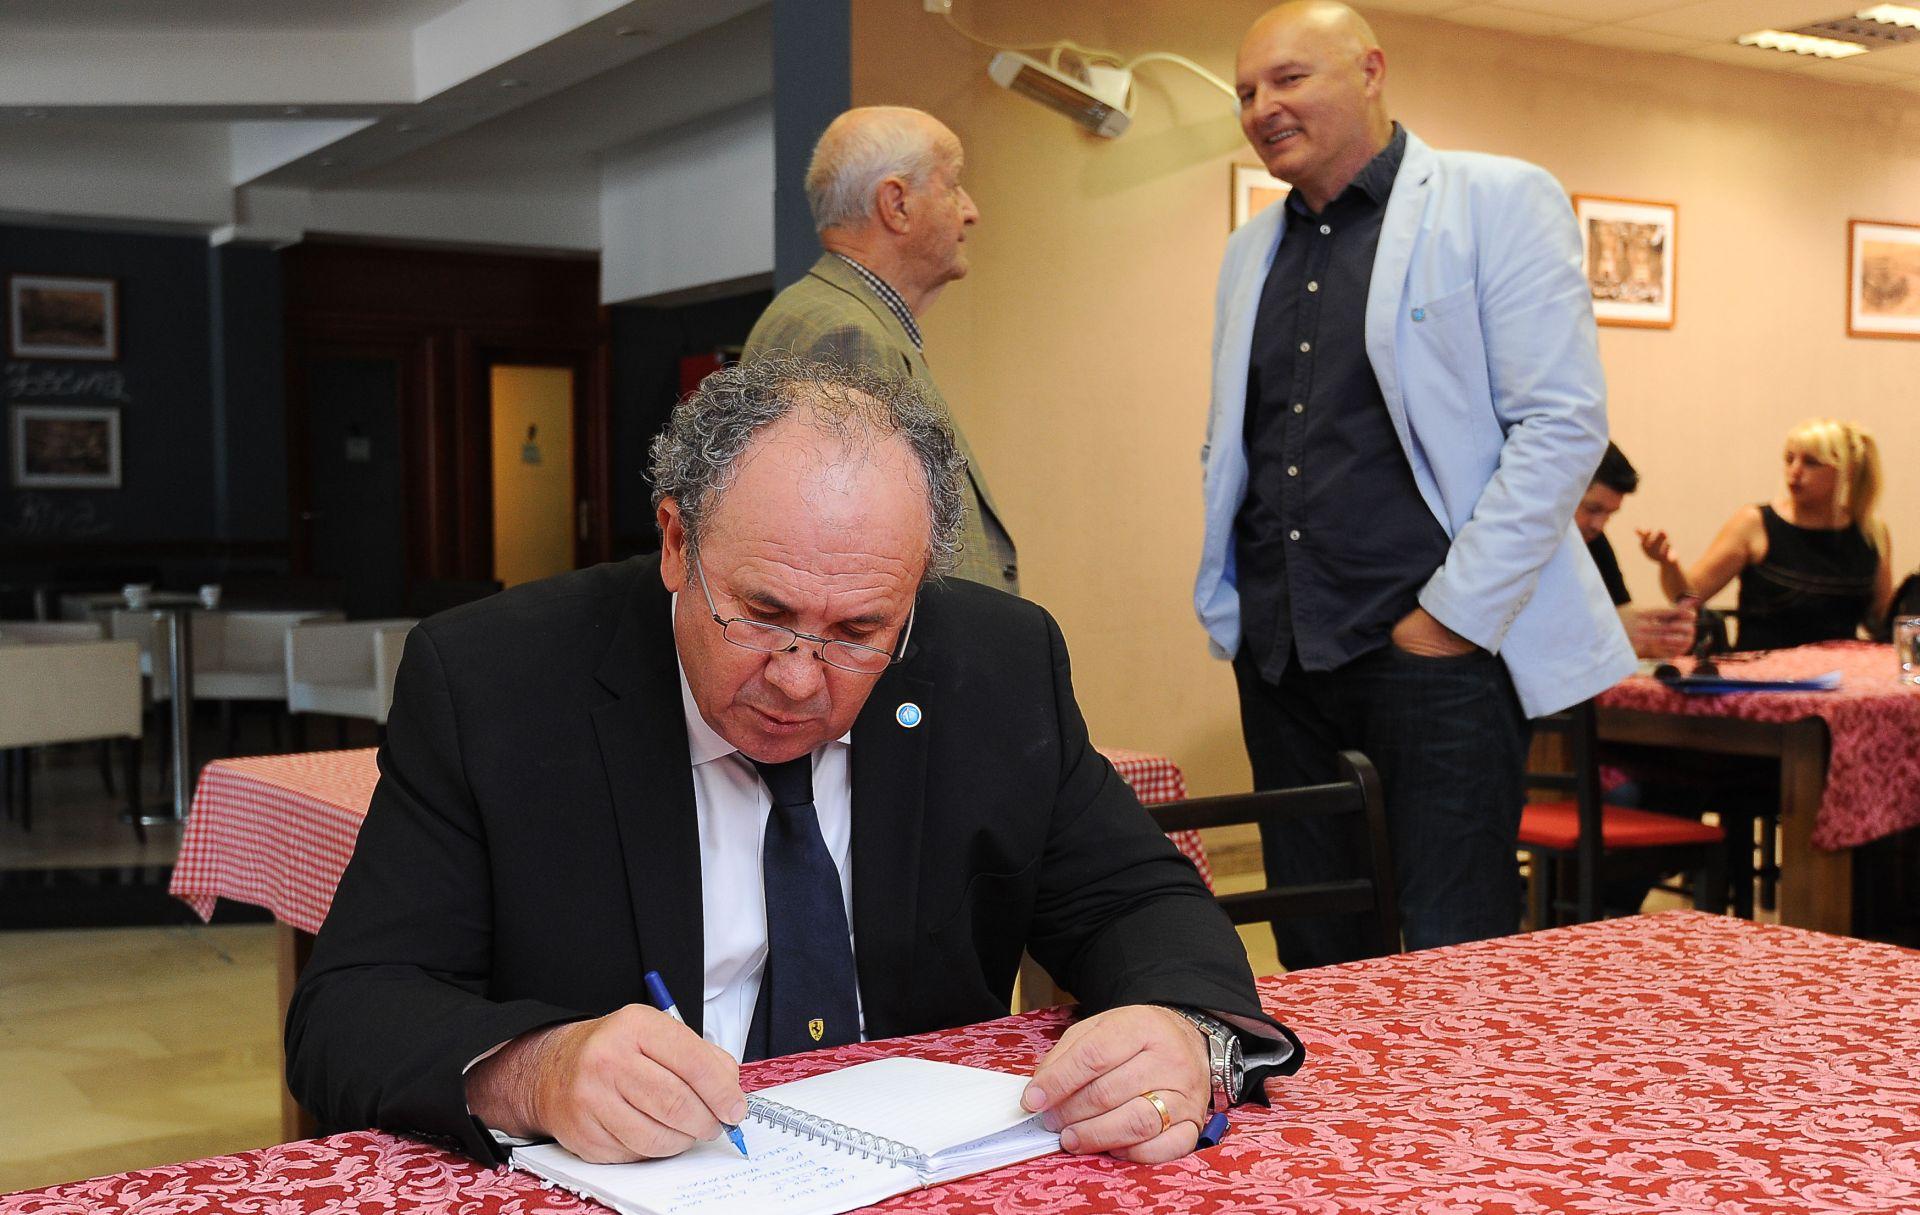 Kerum najavio kaznenu prijavu zbog izborne krađe, a Krstulović Opara tužbu zbog uvreda i laži